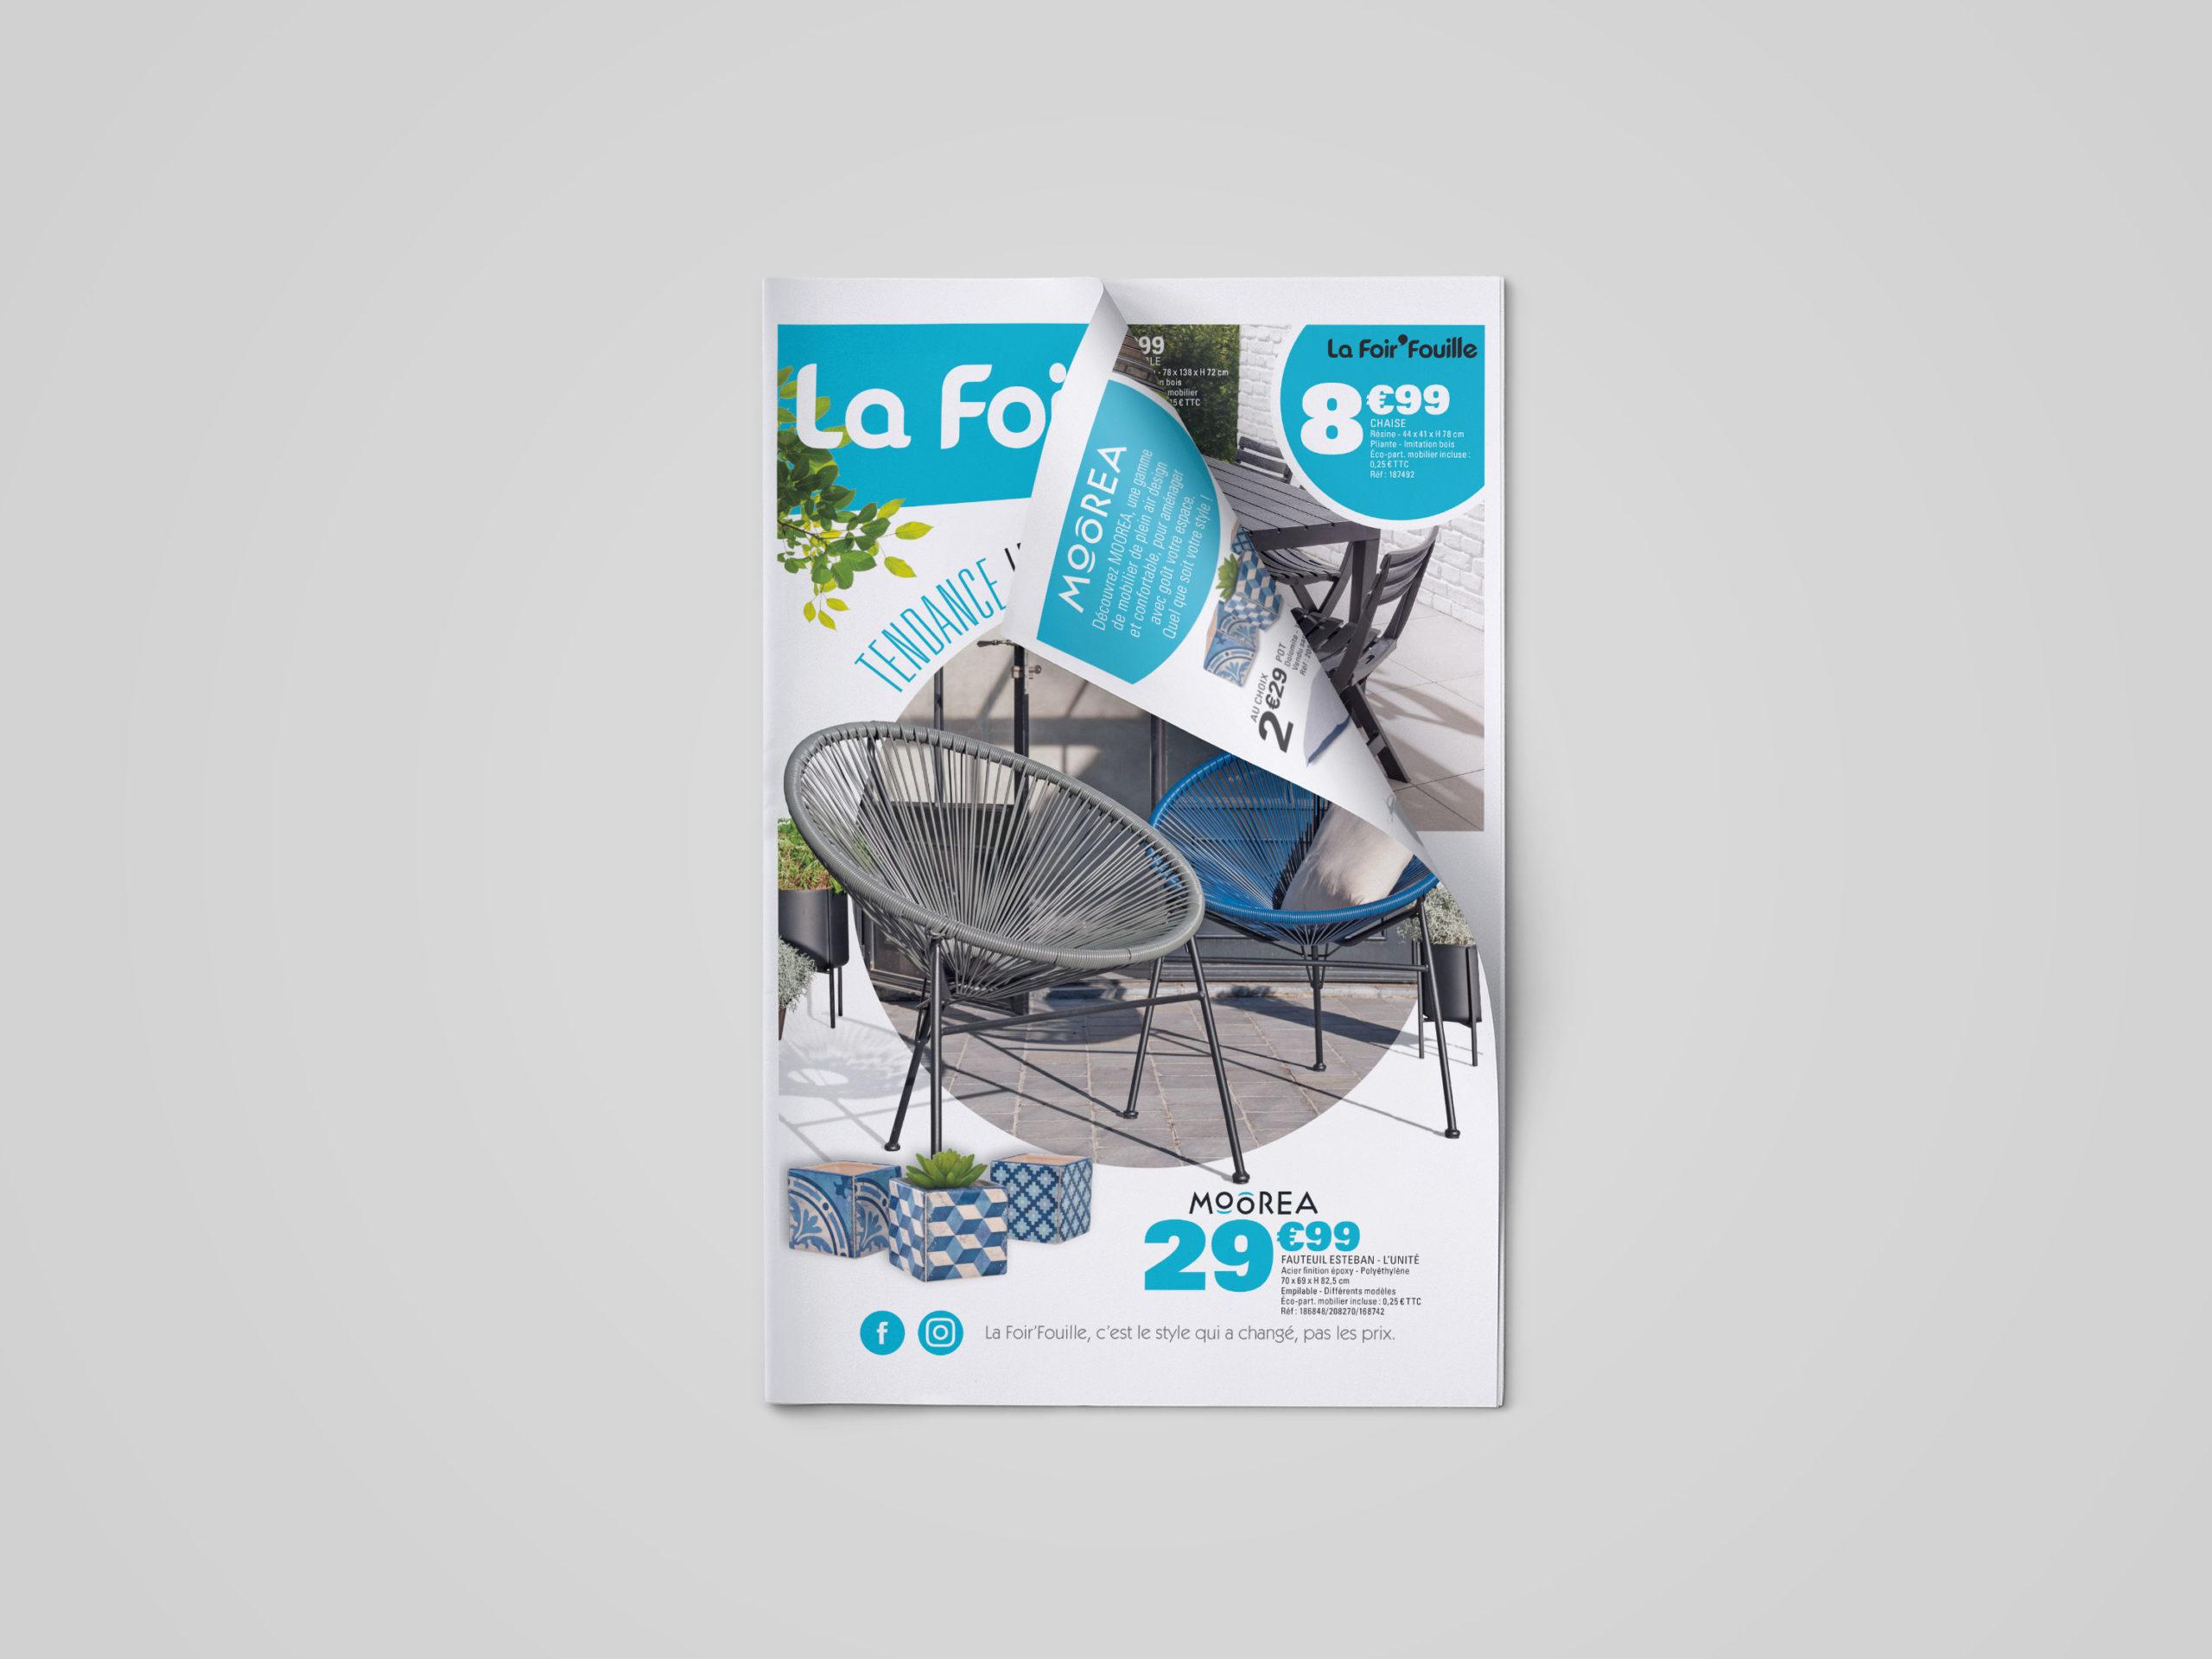 agence d'exécution graphique Paris Lille 05